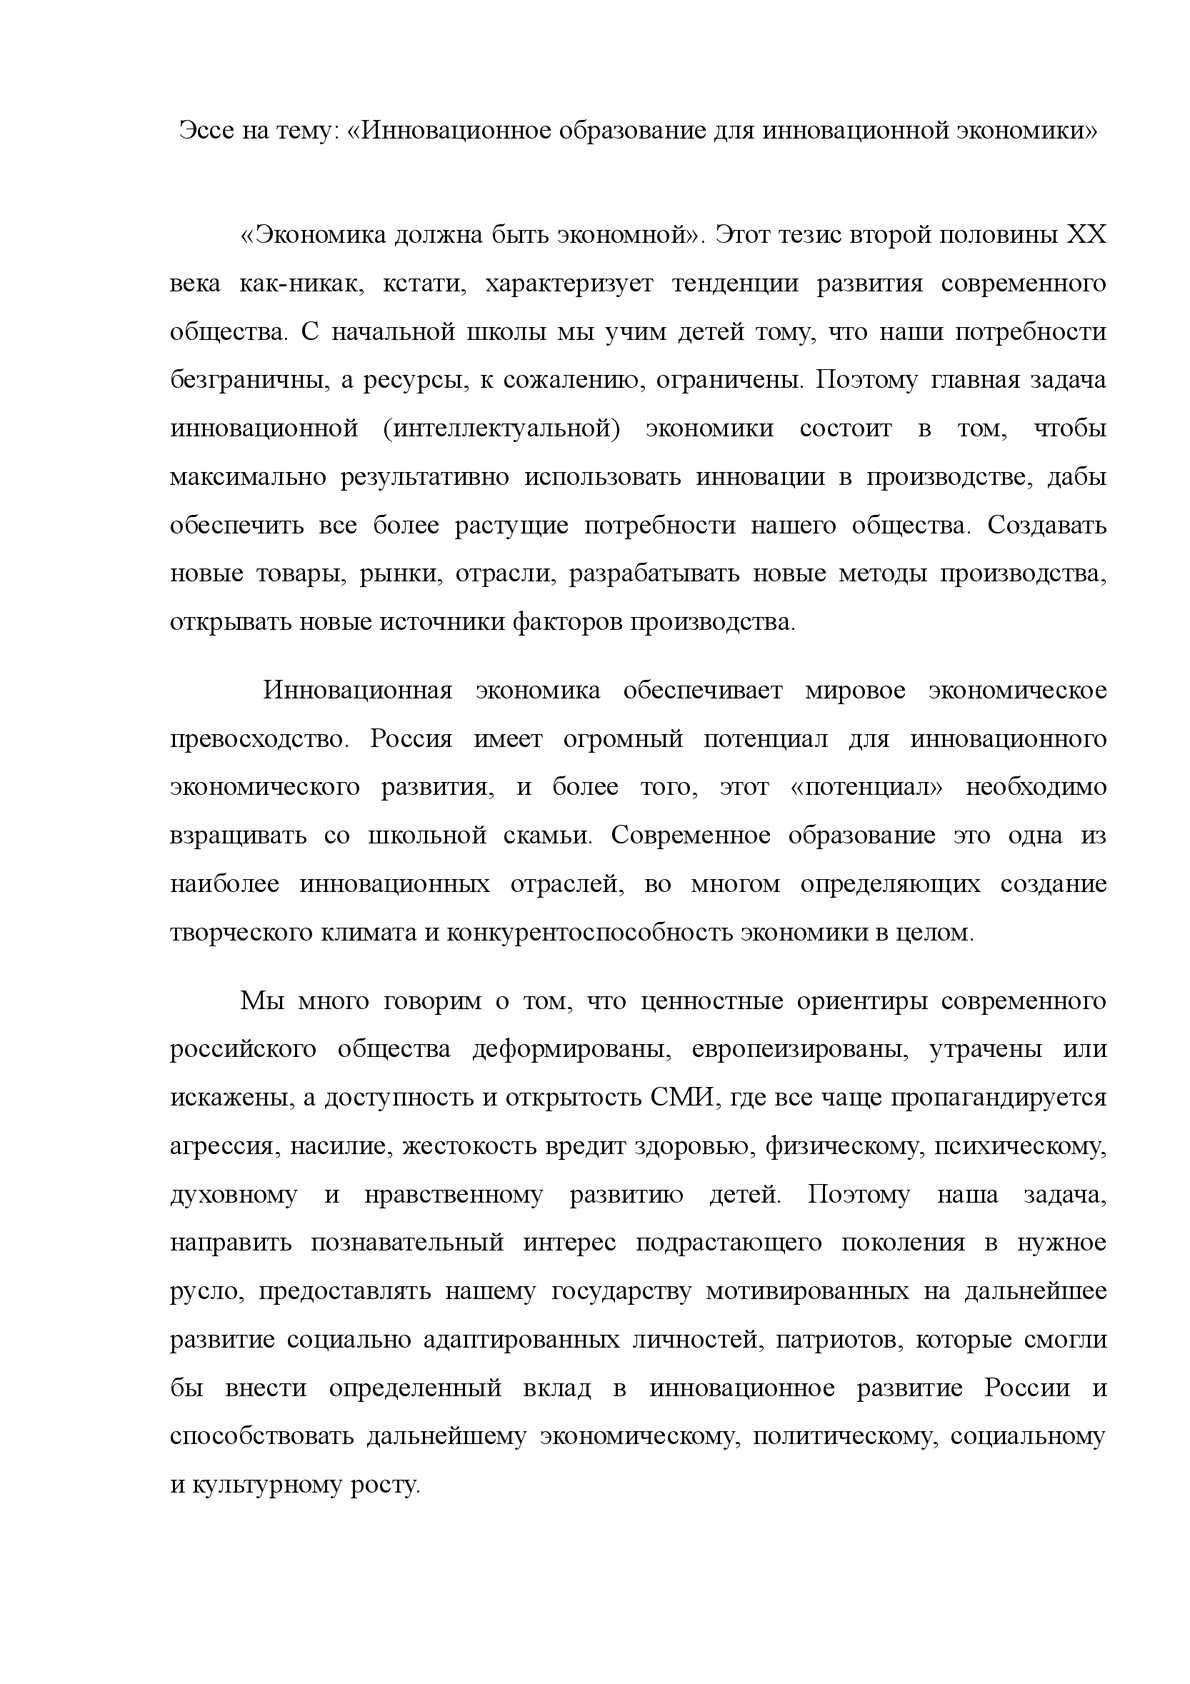 Эссе по теме экономика россии 7864